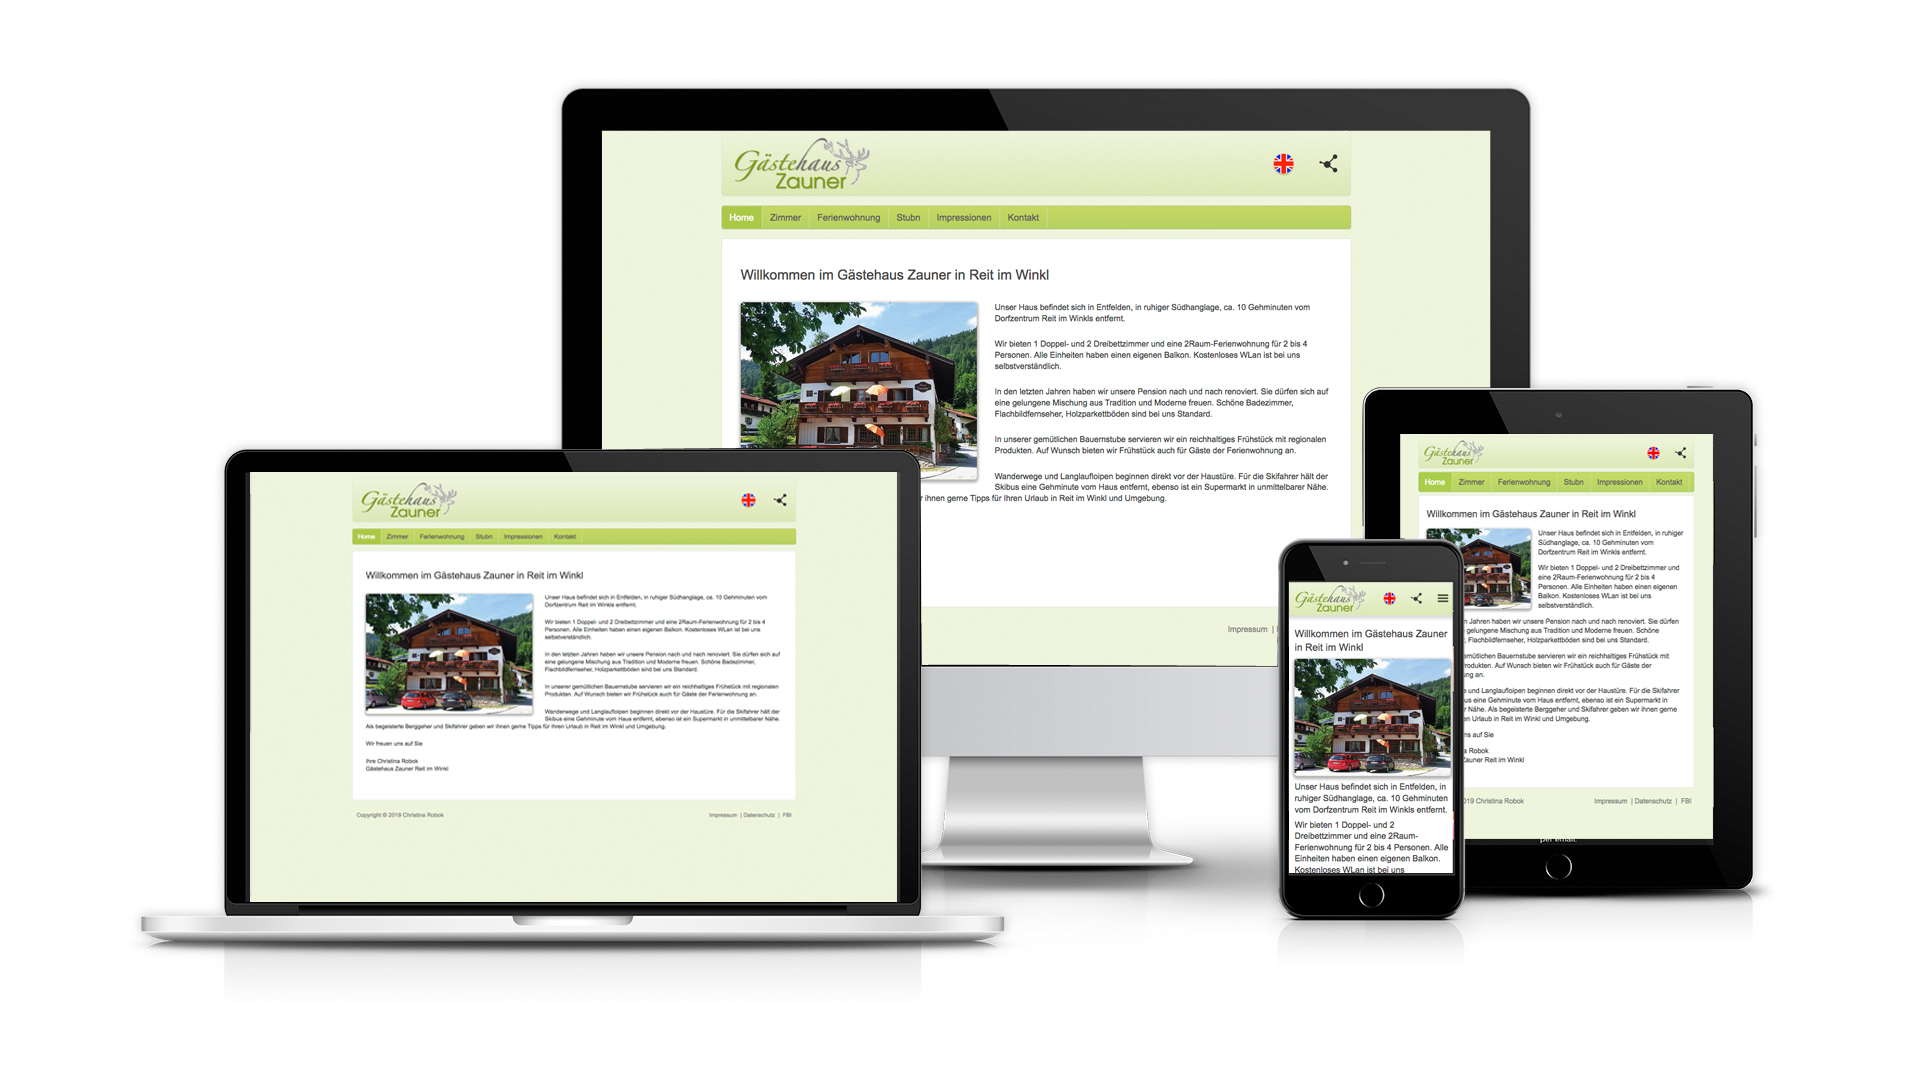 kronbichler-werbung-design-web_zauner